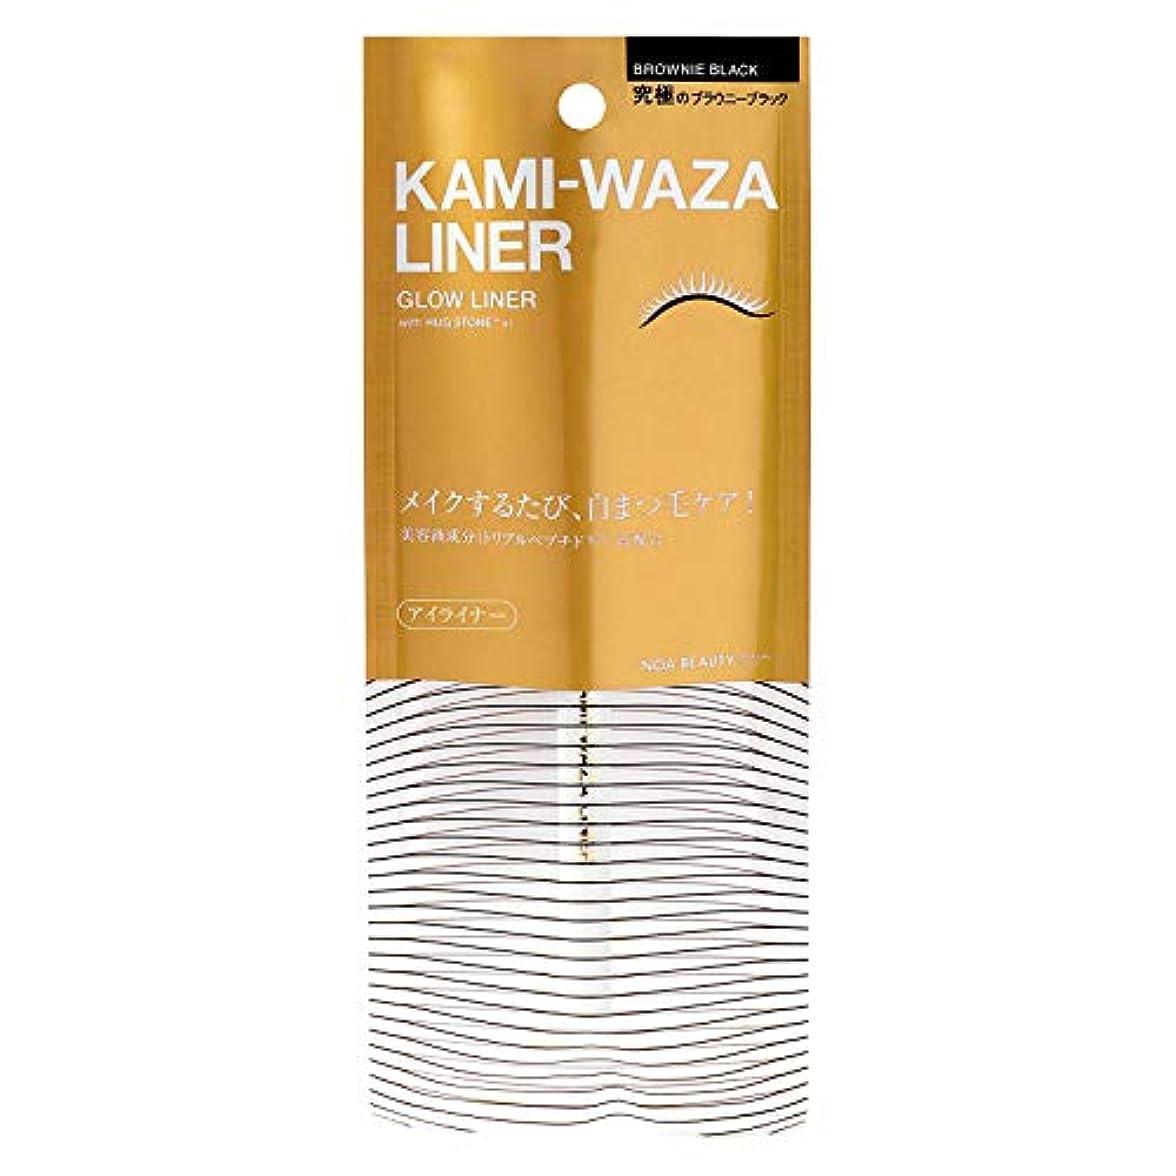 カリキュラムベルト制約KAMI-WAZA(カミワザ) LINER 〈美容ライナー〉 KWL01 (0.5mL)